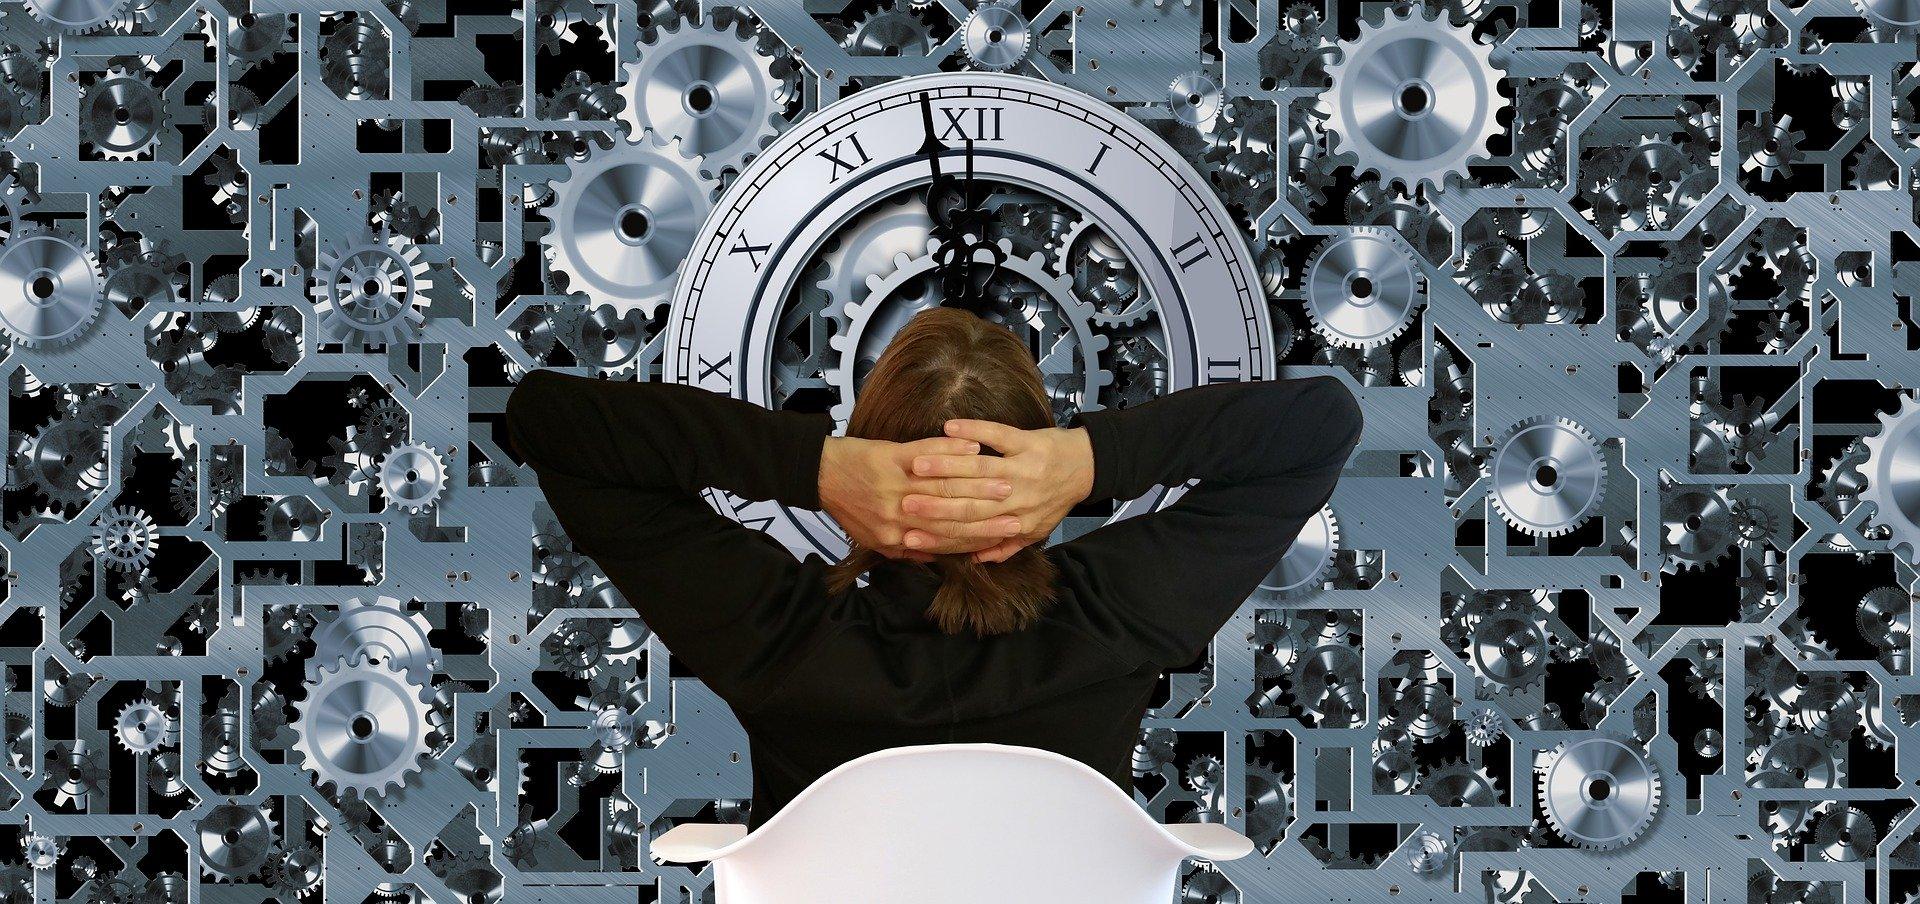 Mulher de frente a um relógio